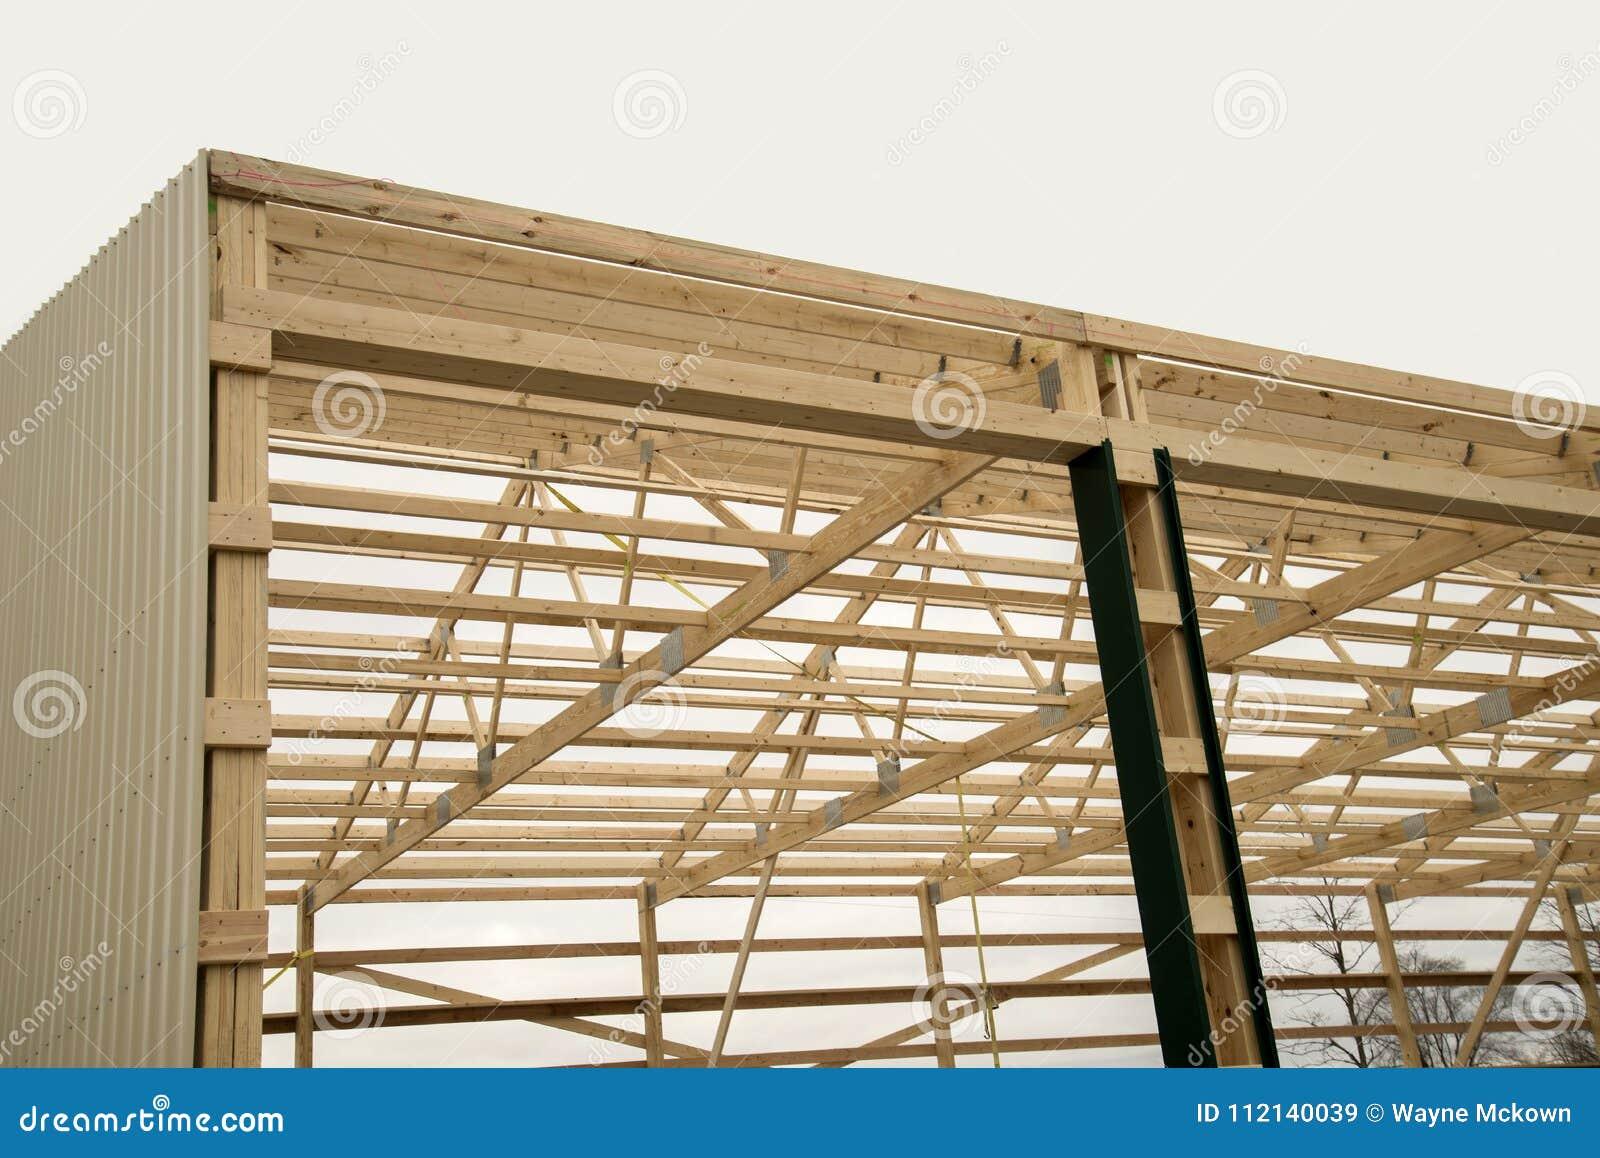 Barn wood framing